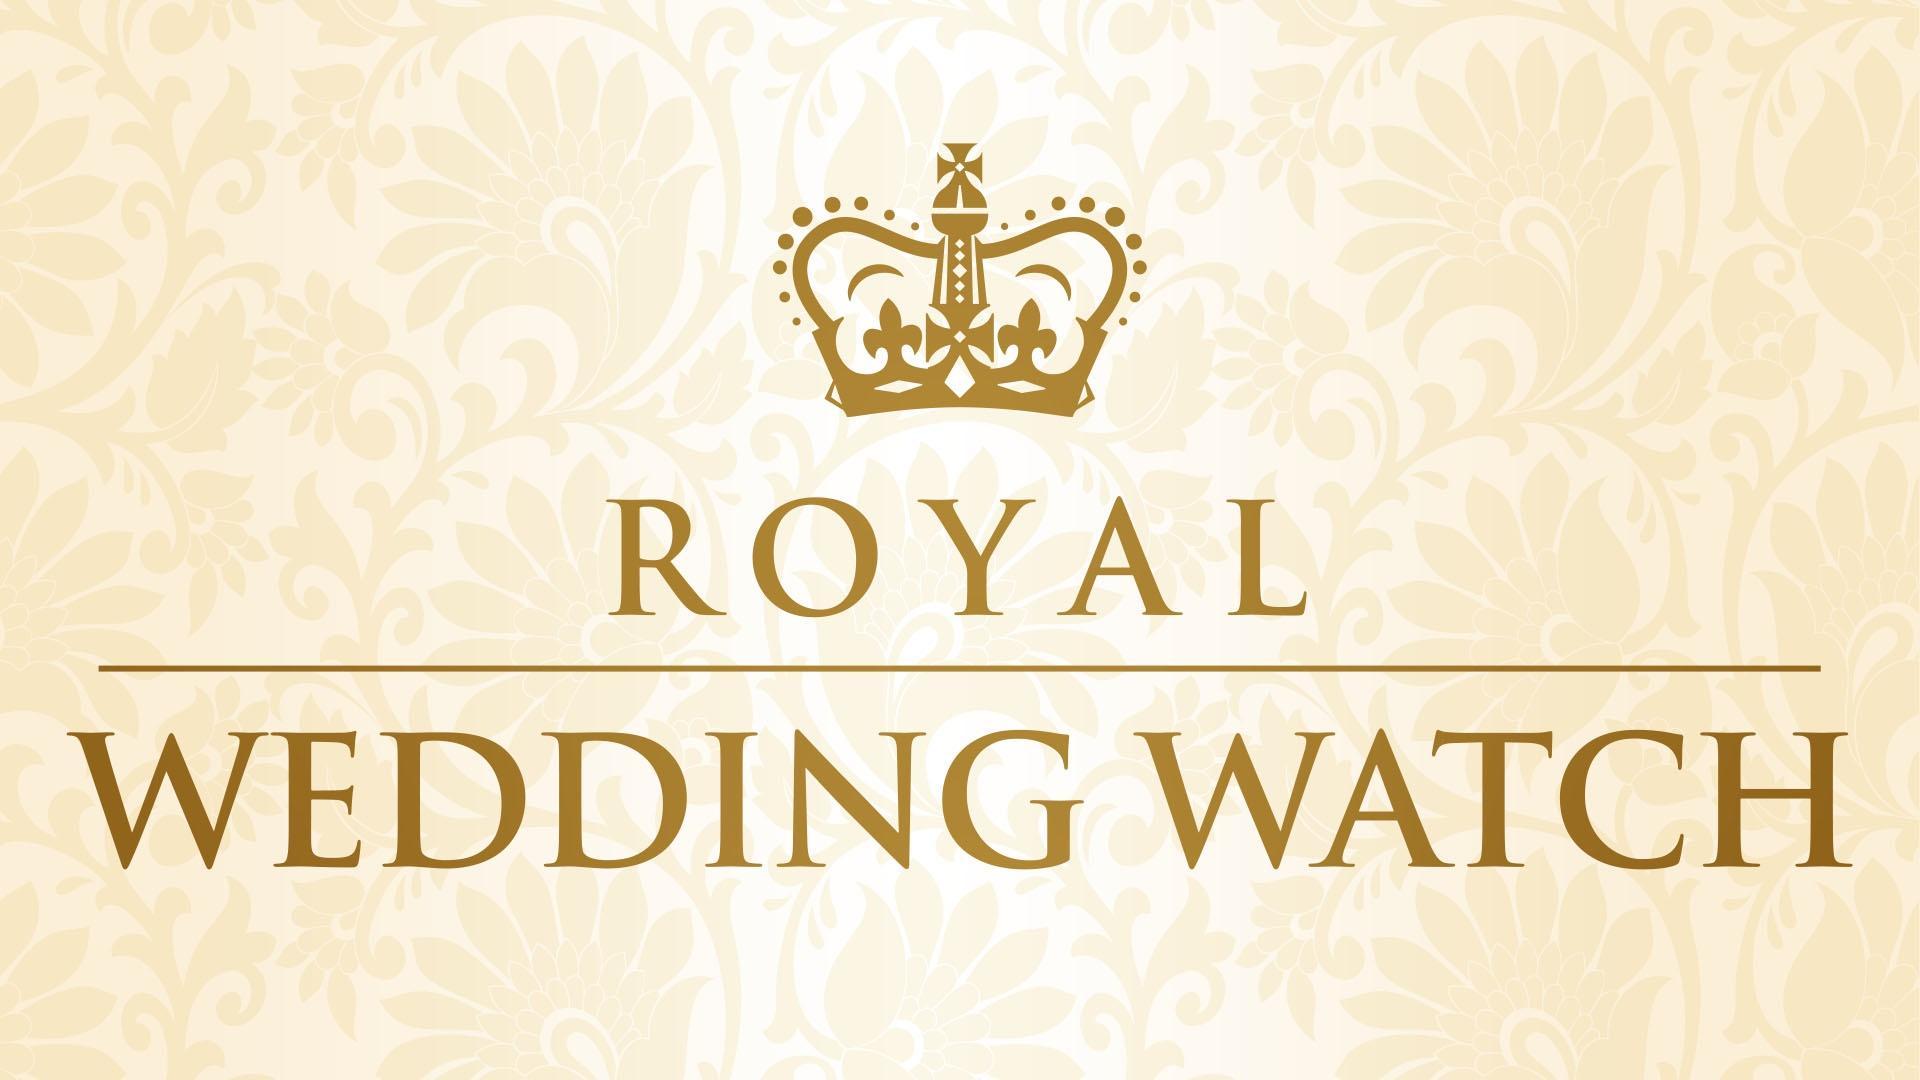 Royal Wedding Watch.Royal Wedding Watch Georgia Public Broadcasting